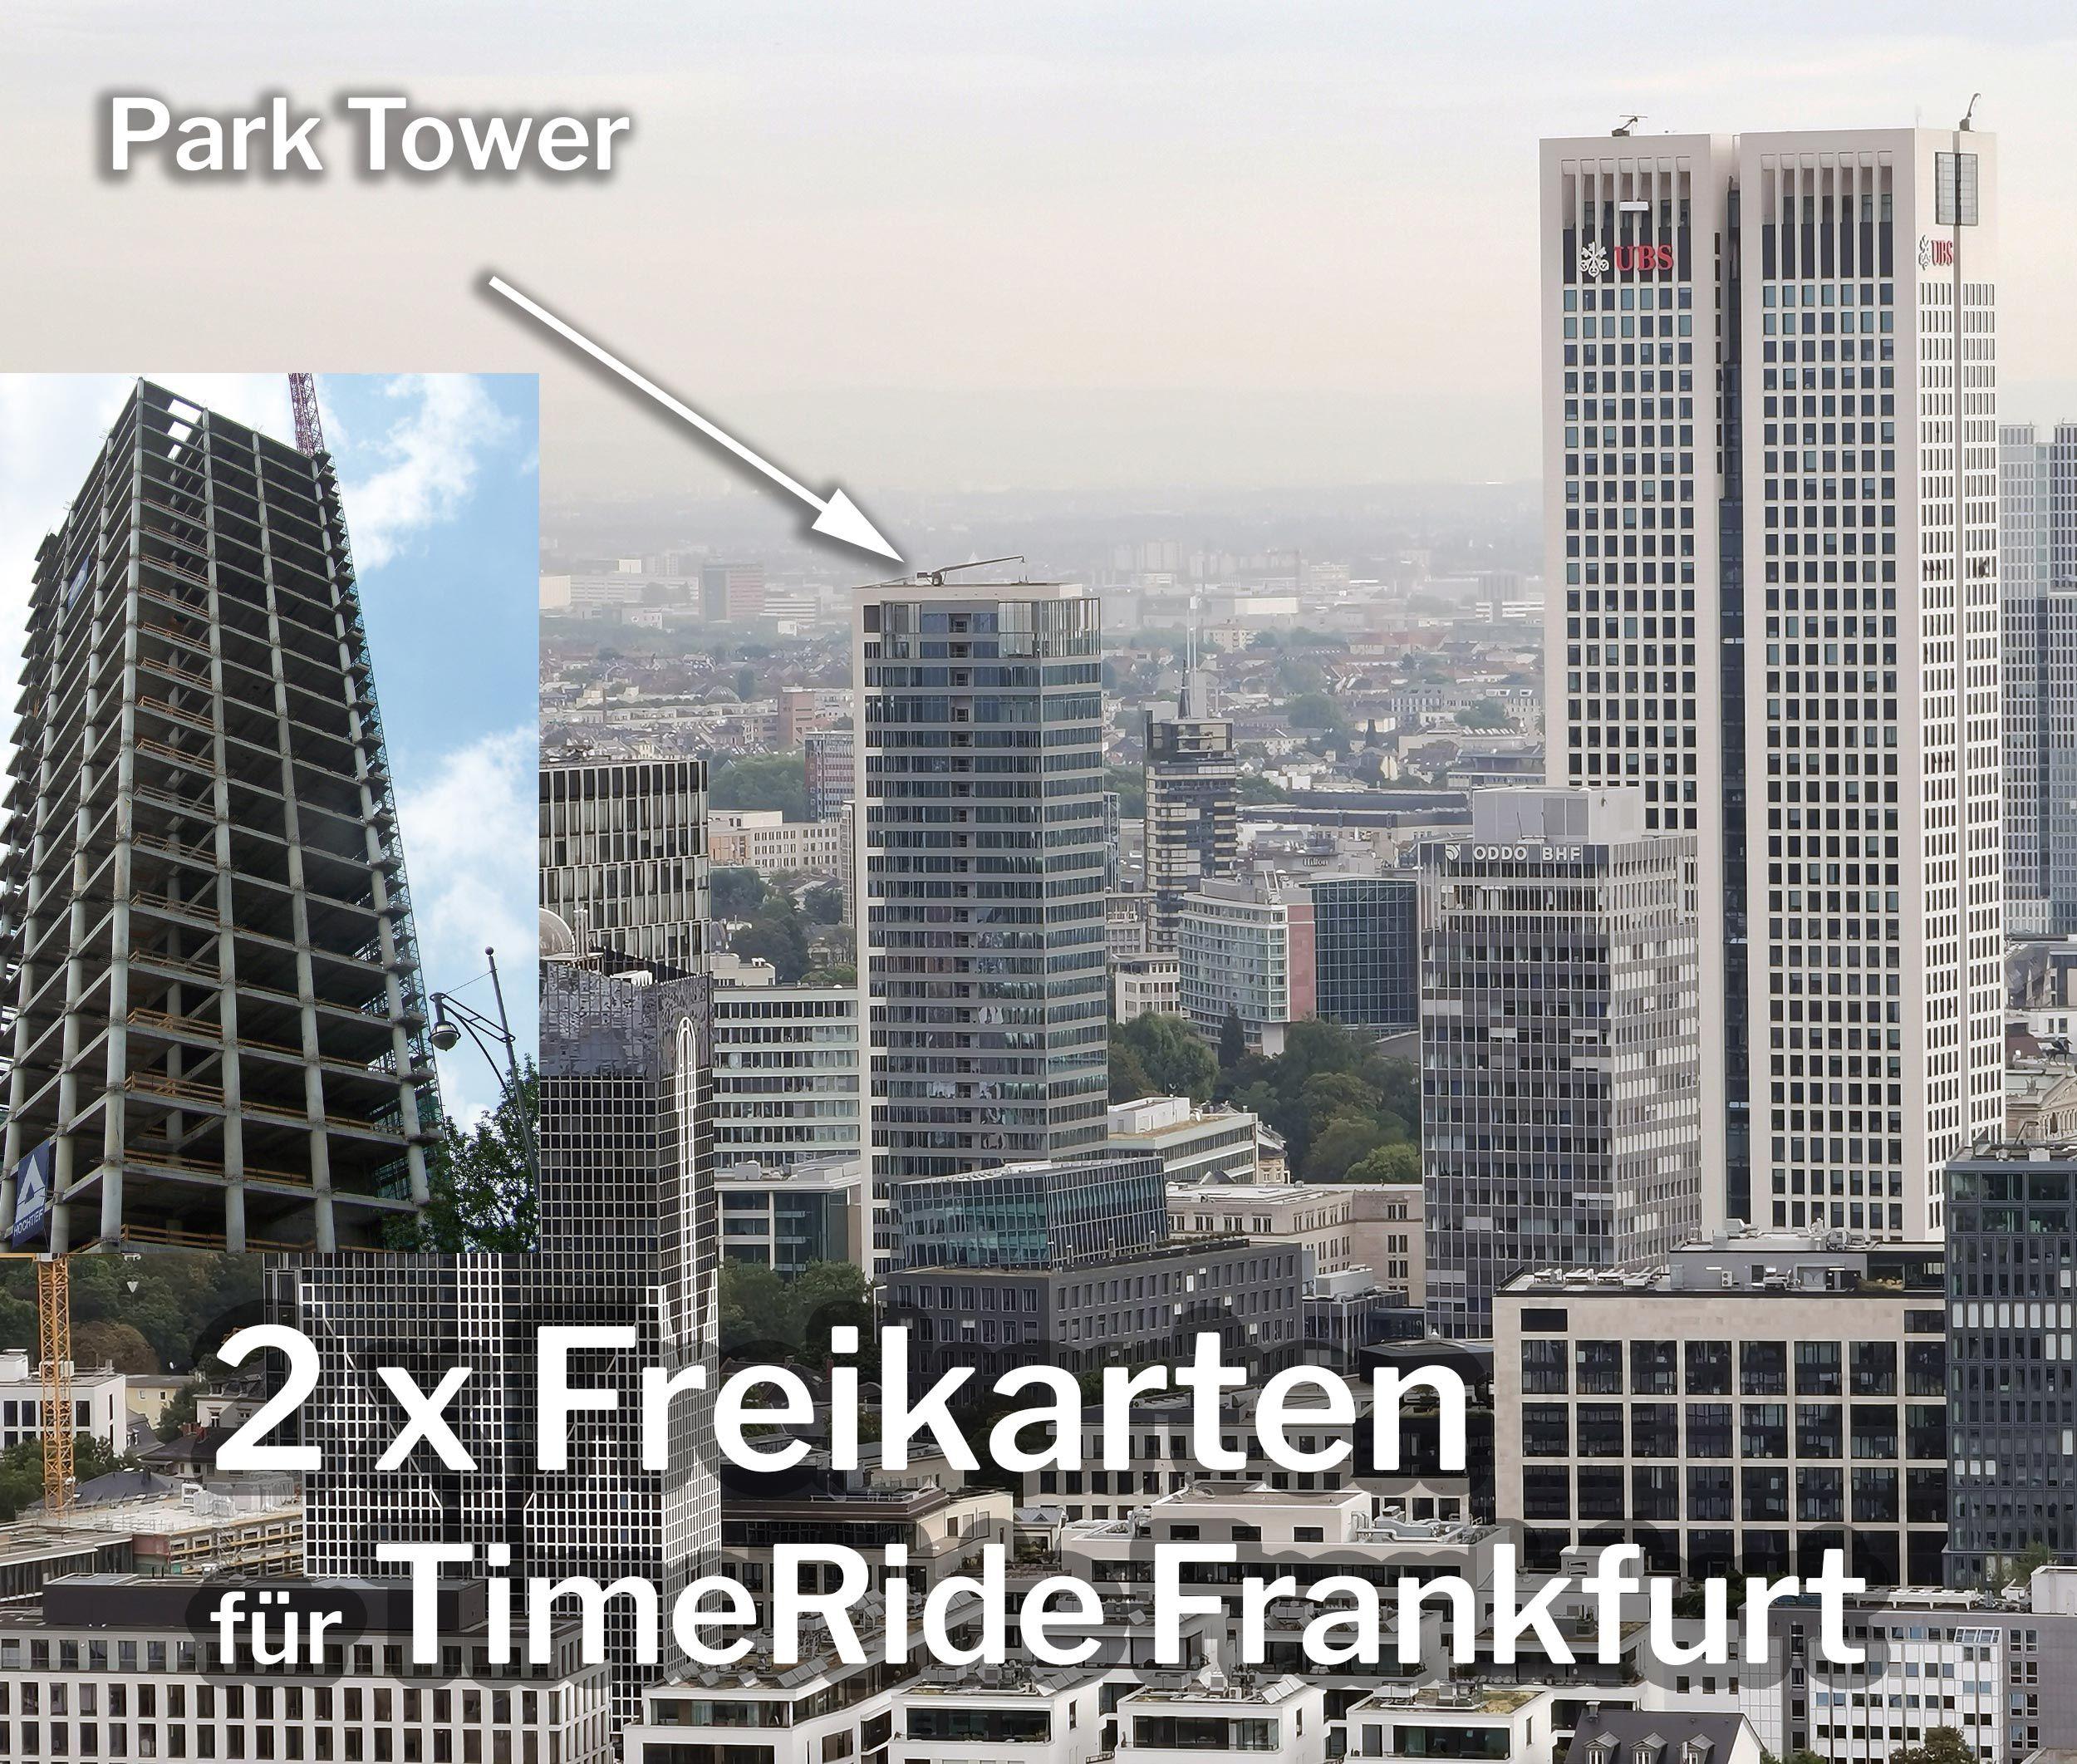 Der Skyline Atlas Hatte Gefragt Wer Kennt Dieses Hochhaus Die Antwort Park Tower In Frankfurt Direkt An Der Oper Die Schnel In 2020 Wolkenkratzer Hochhaus Skyline